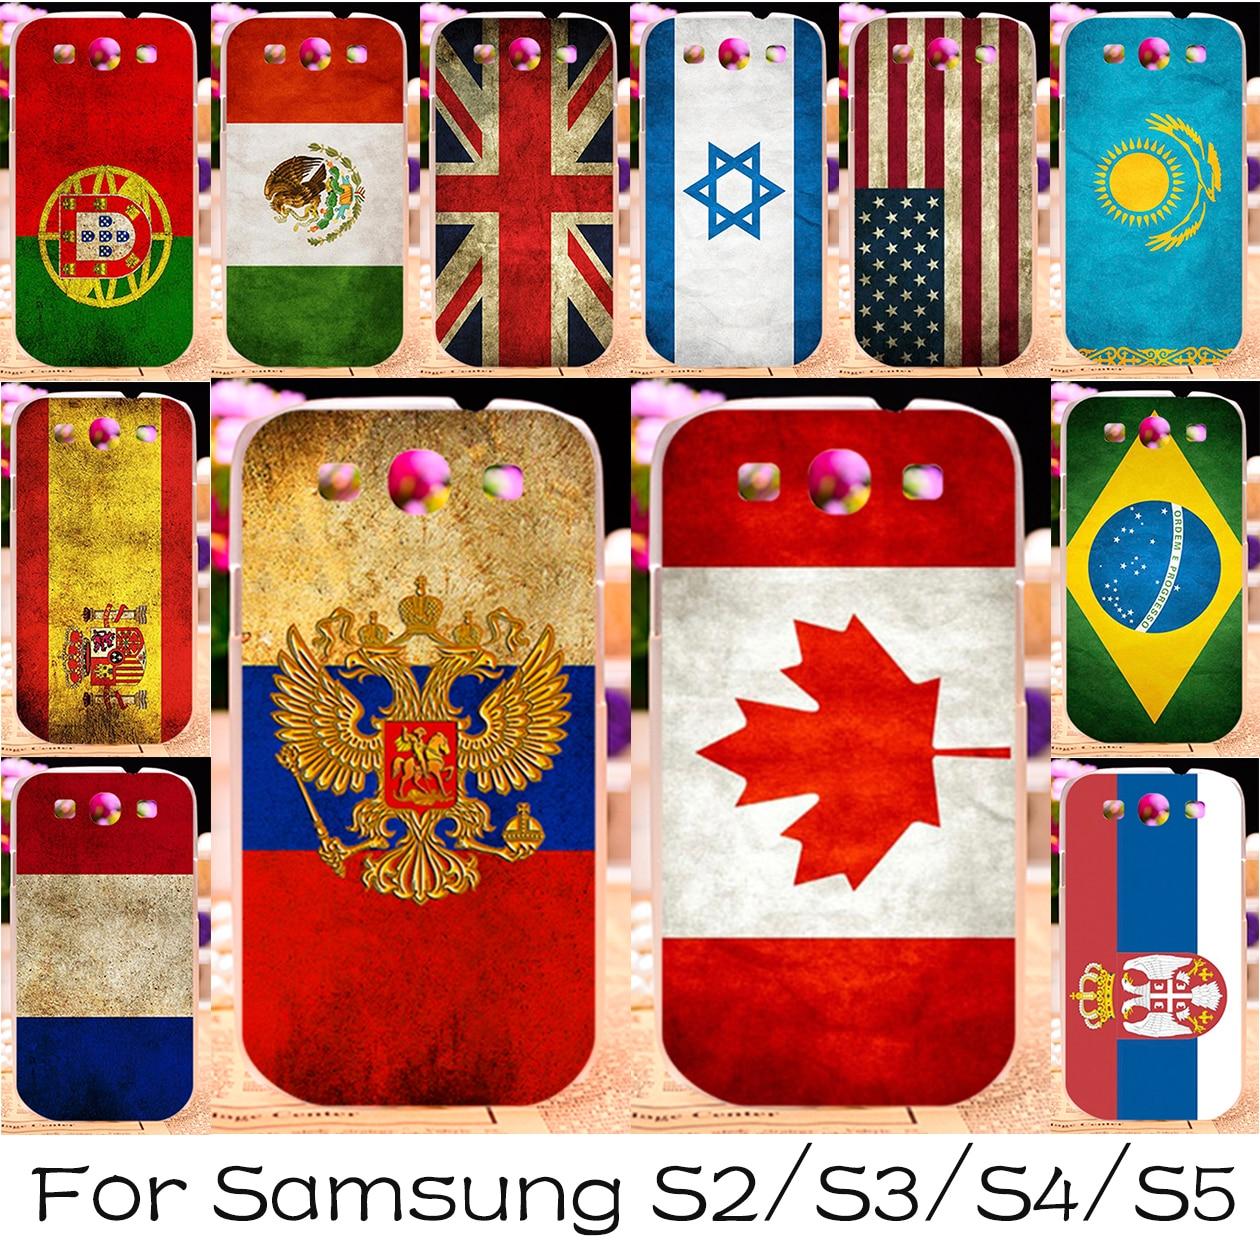 De silicona o plástico teléfono móvil case para samsung galaxy i9300 i9500 S2 S3